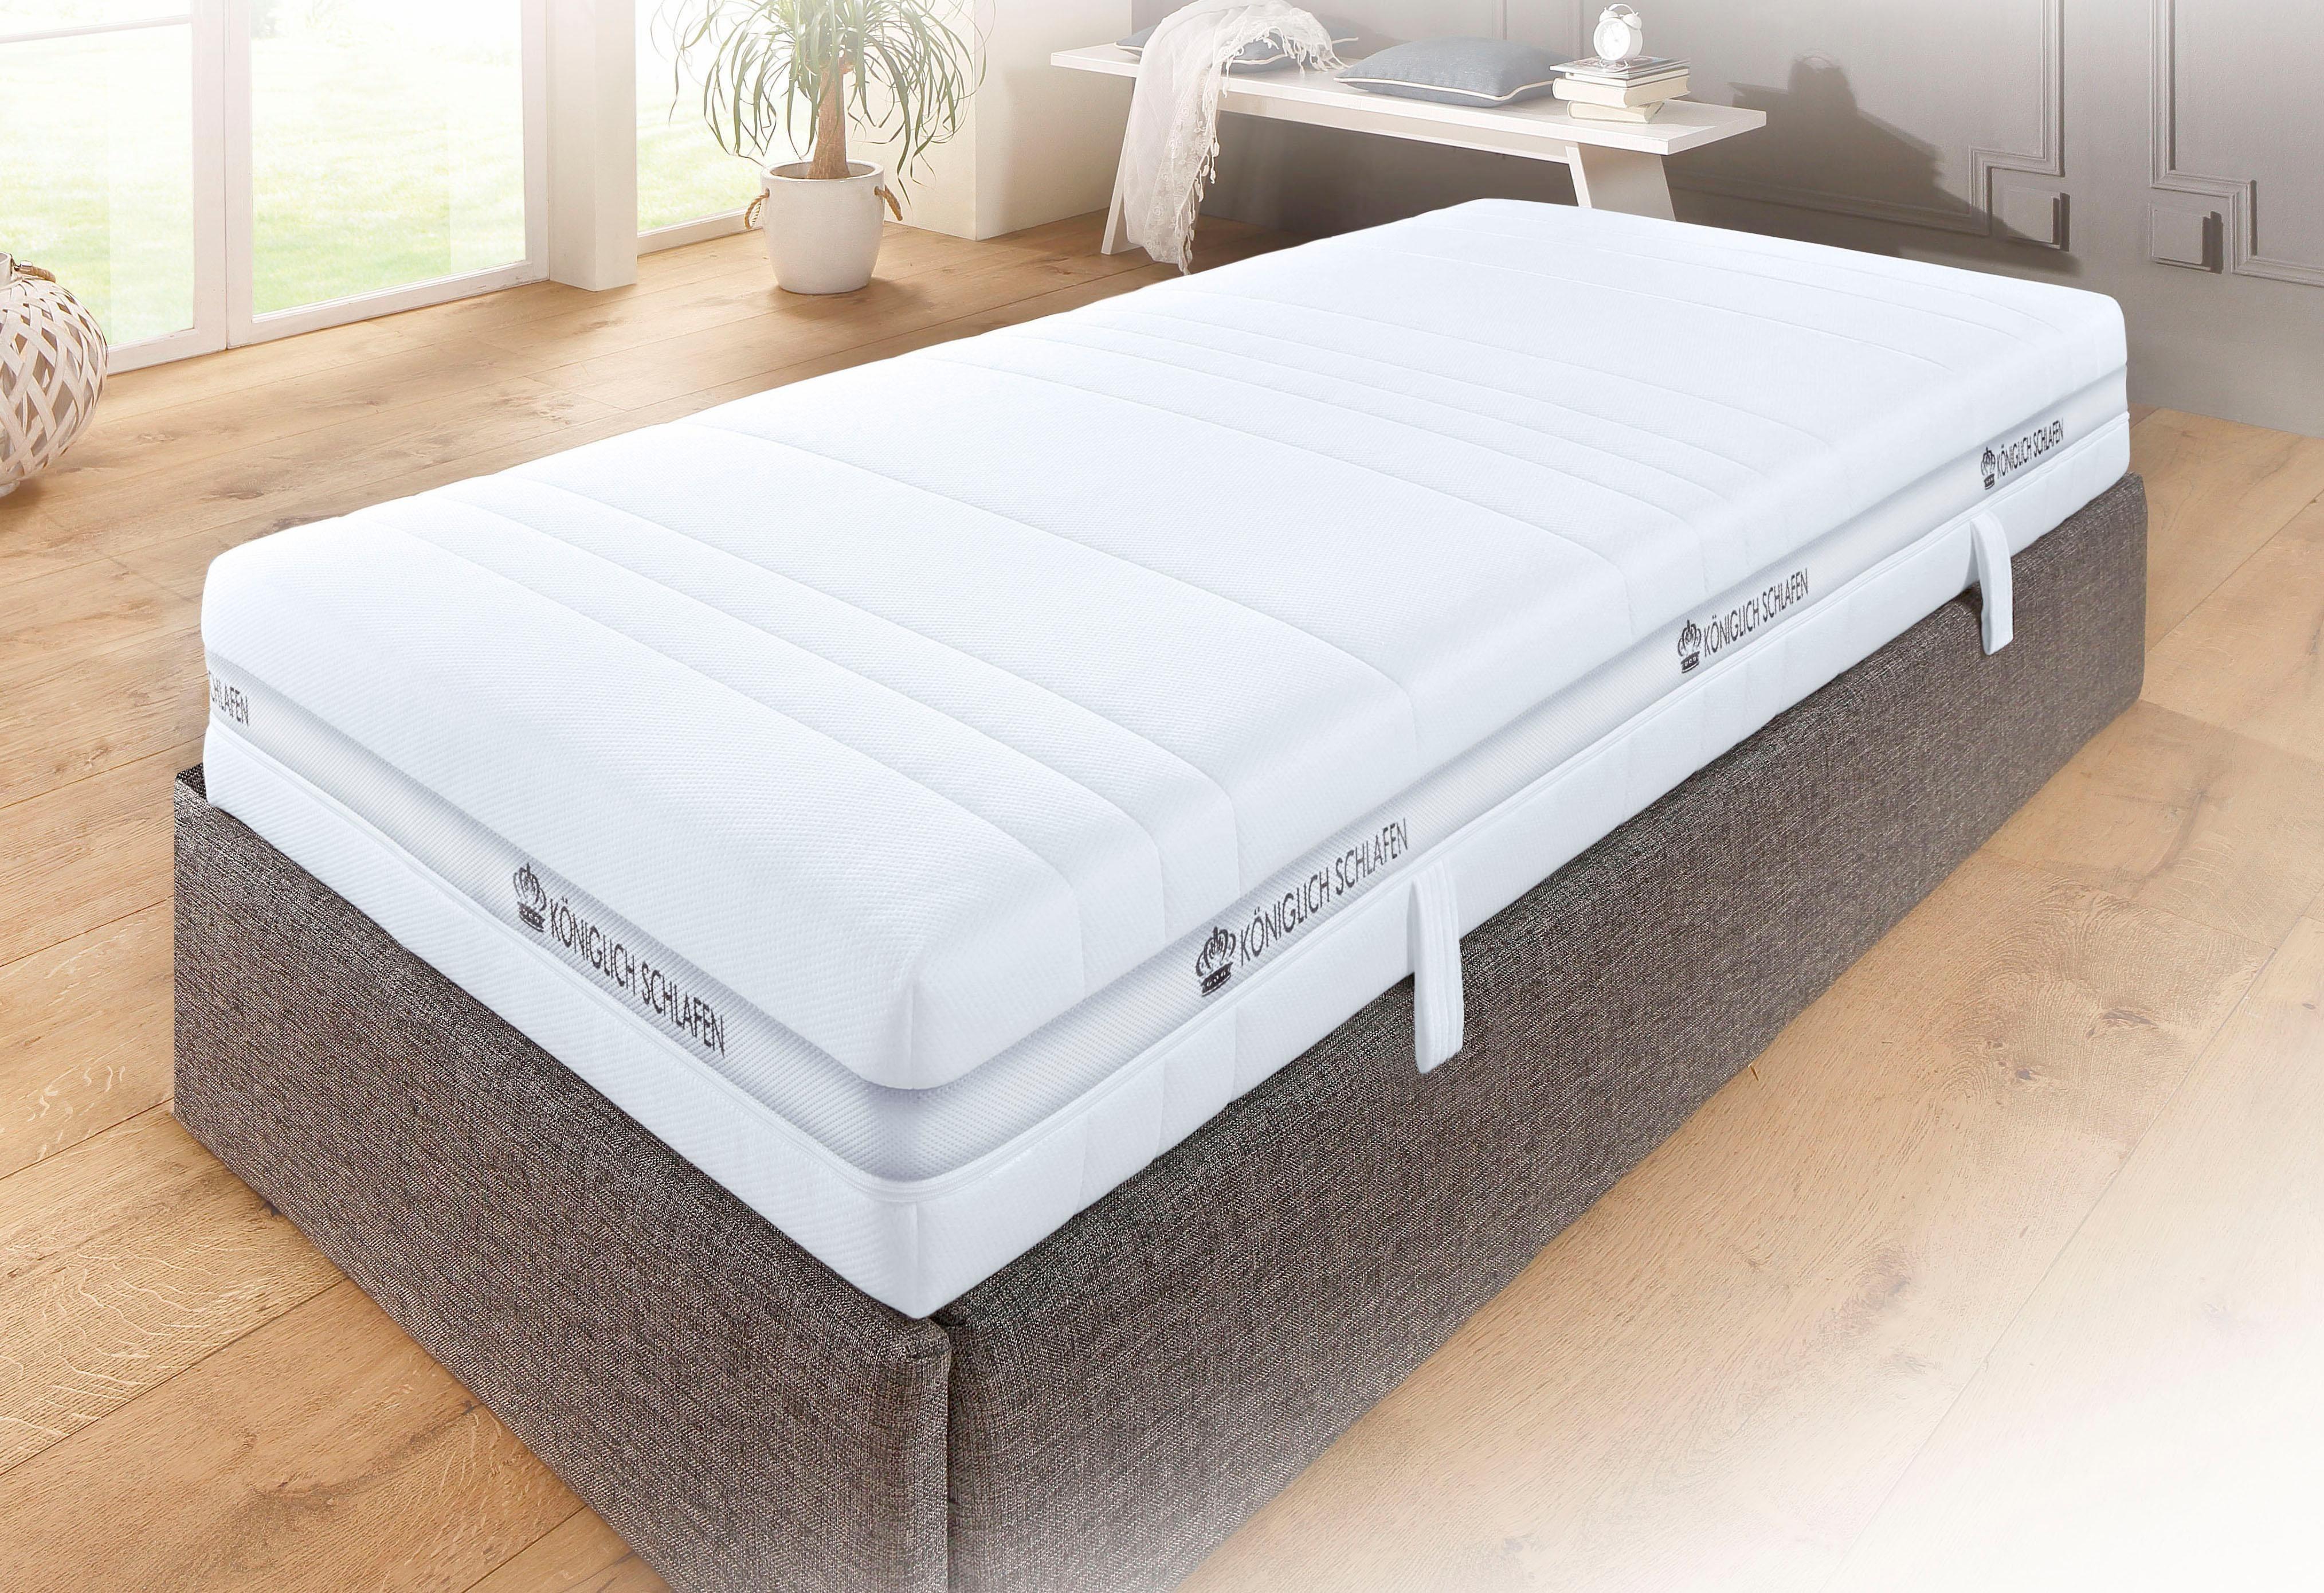 komfortschaummatratze jana my home 24 cm hoch raumgewicht 28 140x200 cm online kaufen bei. Black Bedroom Furniture Sets. Home Design Ideas